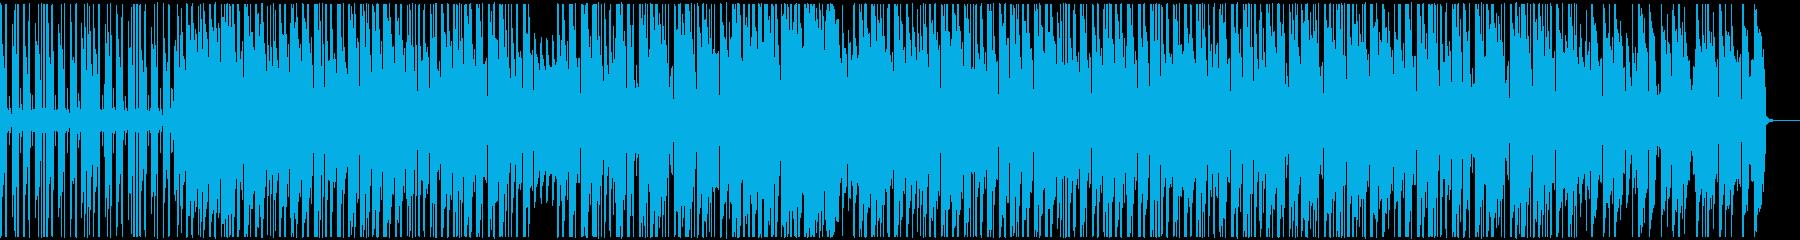 回想シーンで使えそうなHiphopBGMの再生済みの波形